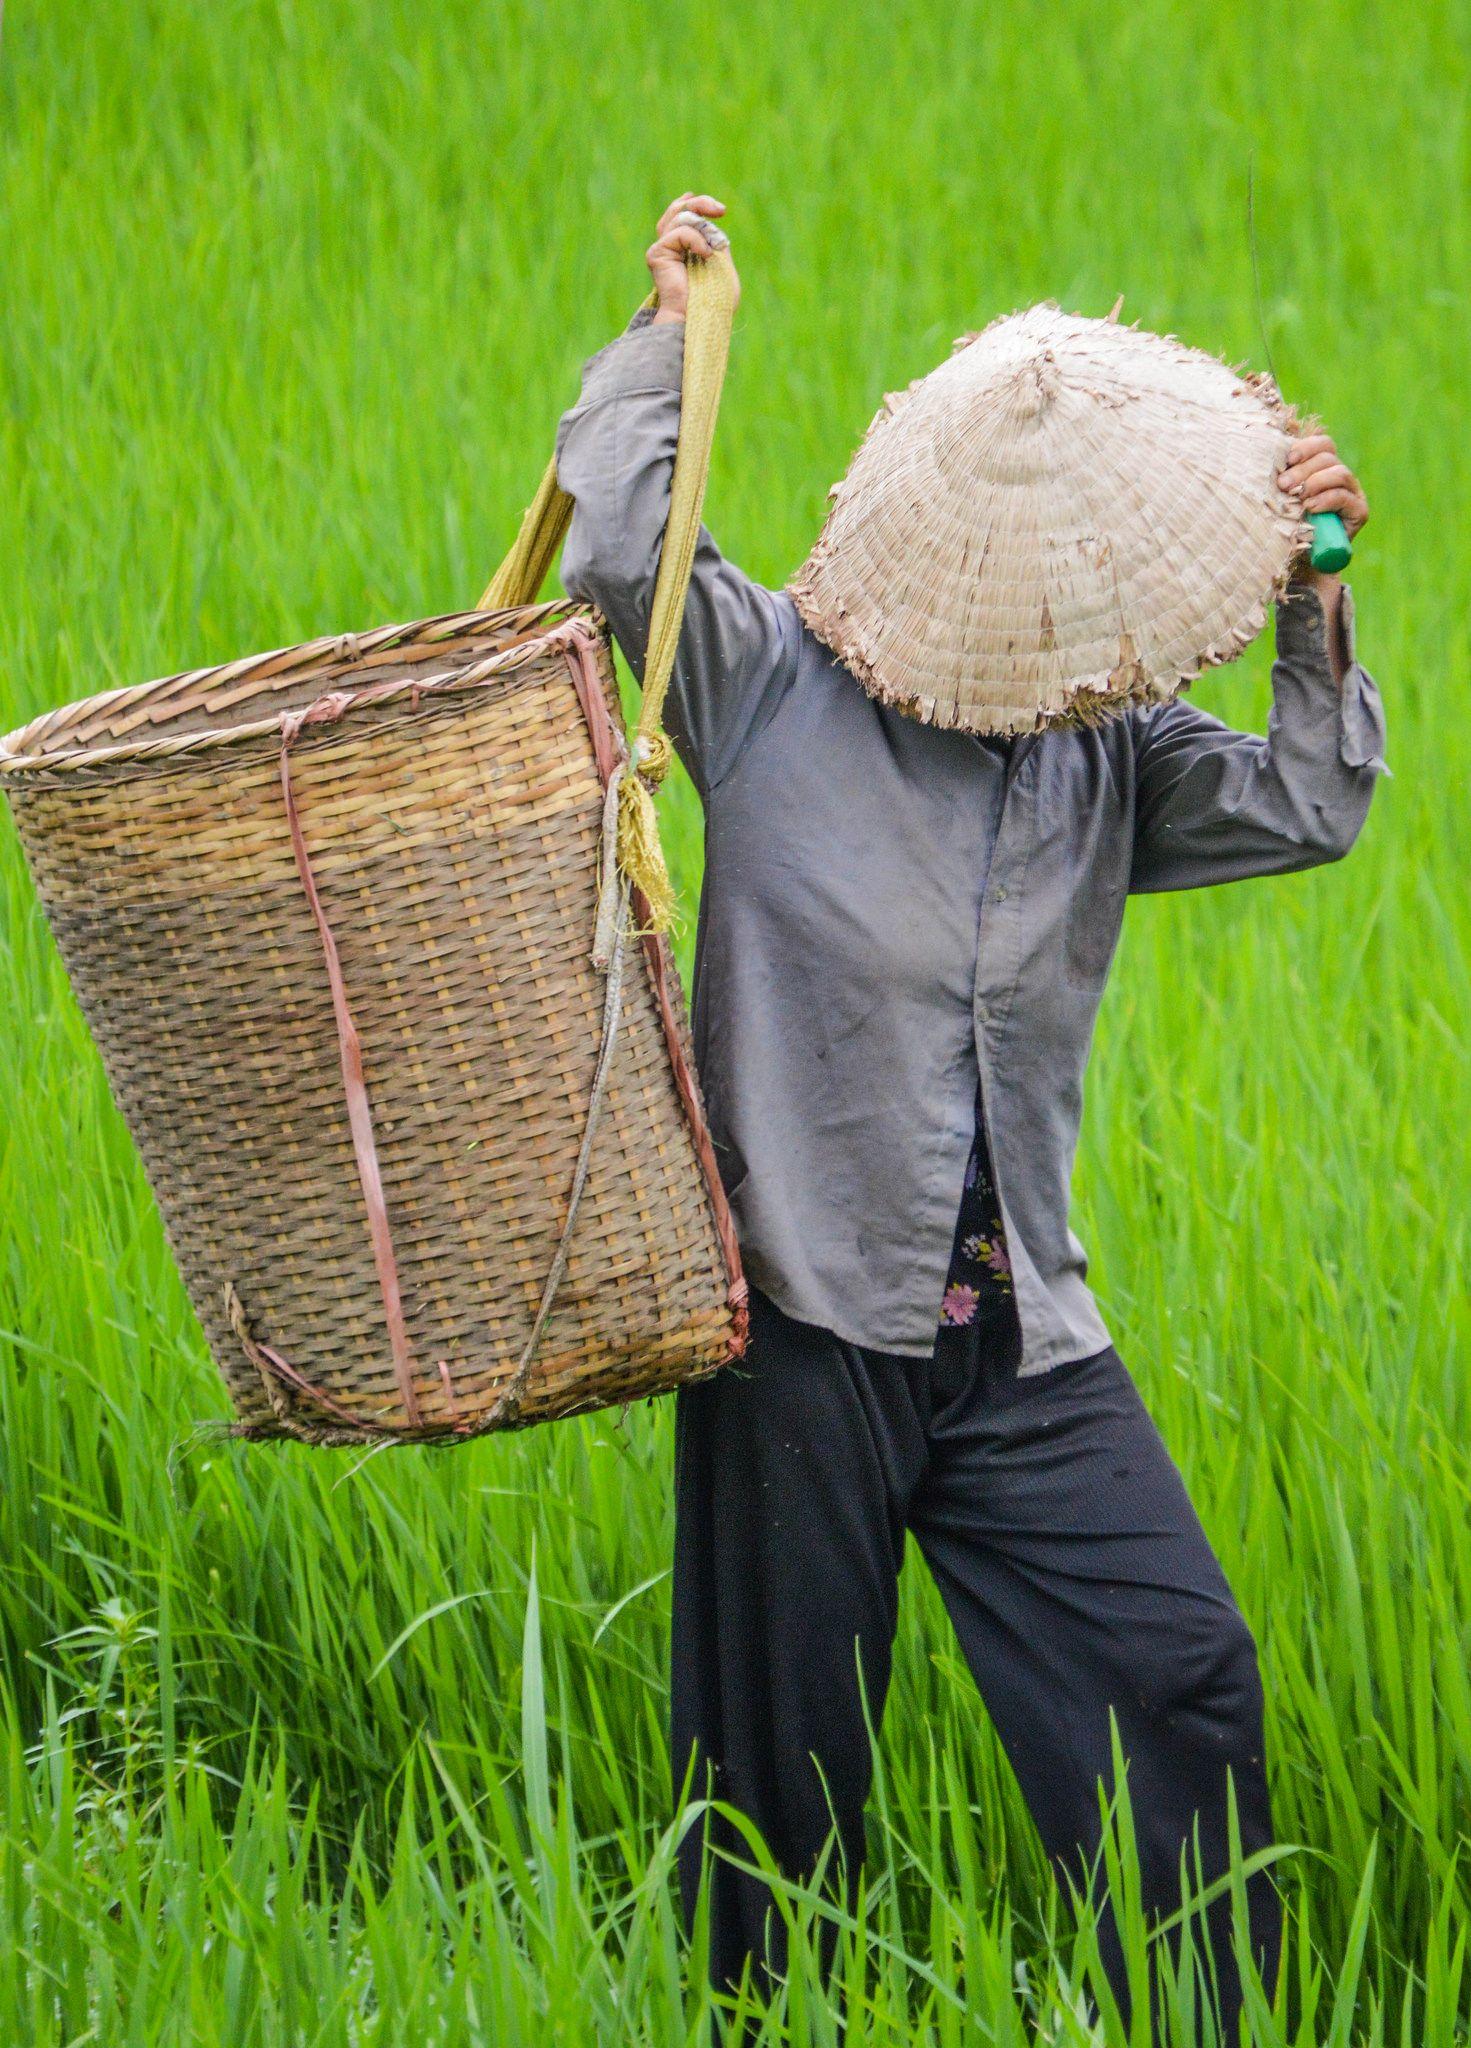 ป กพ นโดย Leerawadee ใน ว ถ ช ว ตชาวนา การถ ายภาพธรรมชาต